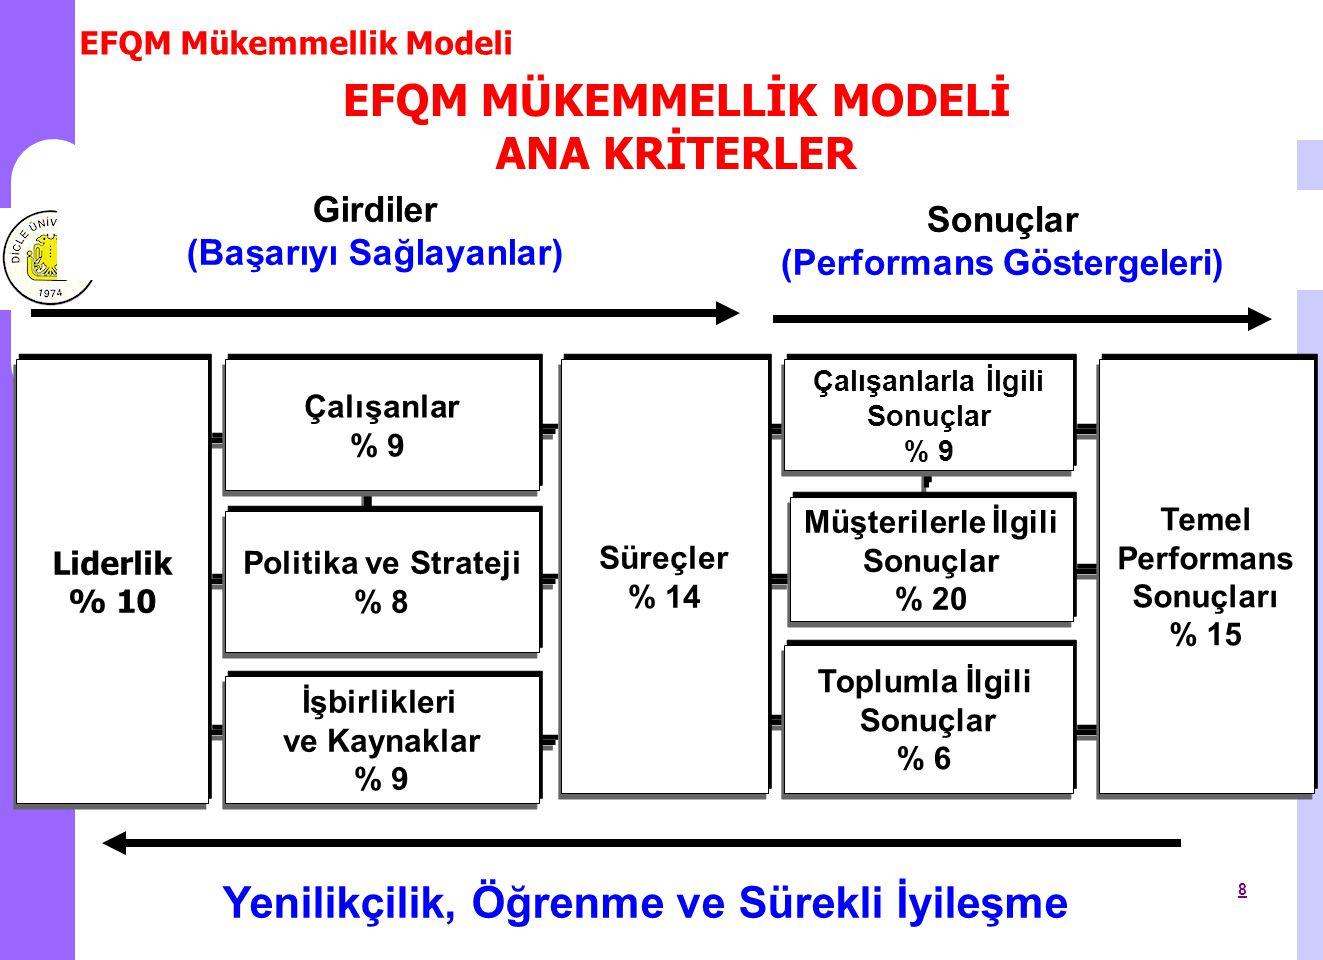 EFQM Mükemmellik Modeli 9 1.KURUL BAŞKANI Prof.Dr.Aslan BİLİCİ (Rektör Yardımcısı) 2.LİDERLİK KRİTERİ Yrd.Doç.Dr.İsmail YILDIZ(Tıp Fak ü ltesi Ö ğretim Ü yesi-D Ü ADEKK Danışmanı) 3.POLİTİKA VE STRATEJİ KRİTERİ Prof.